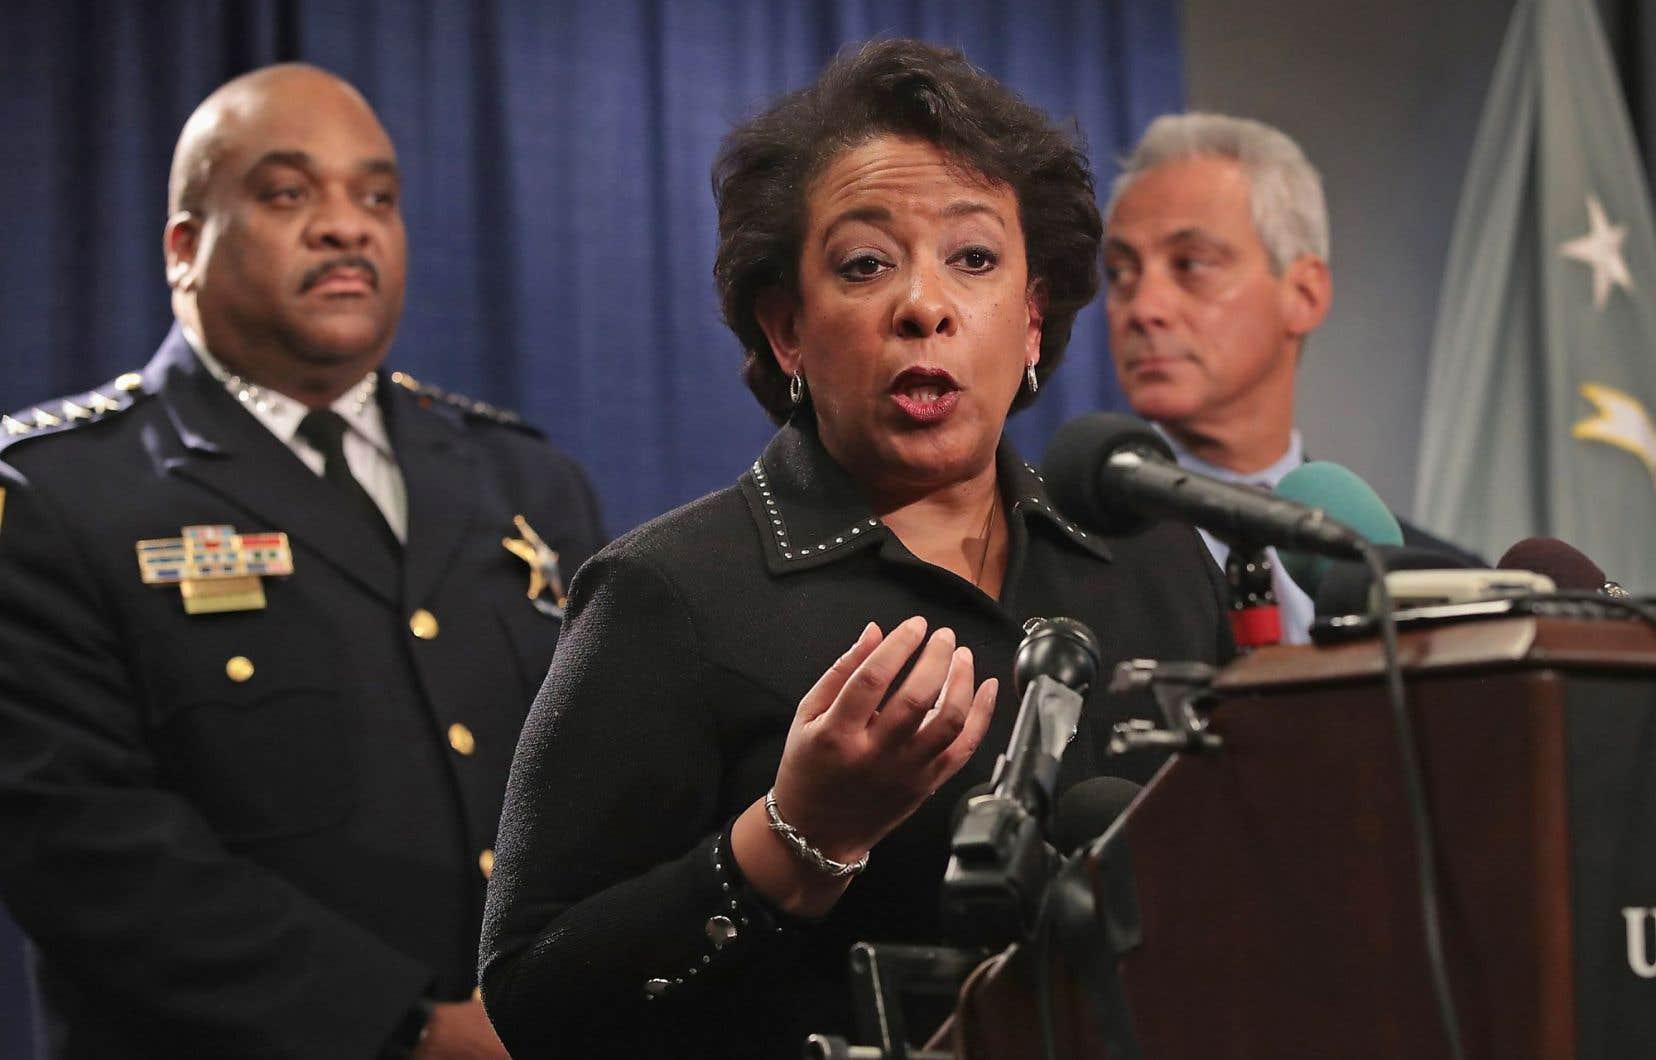 Le maire de Chicago, Rahm Emanuel, jette un regard à son chef de police, Eddie Johnson, durant la conférence de presse de la ministre de la Justice, Loretta Lynch.